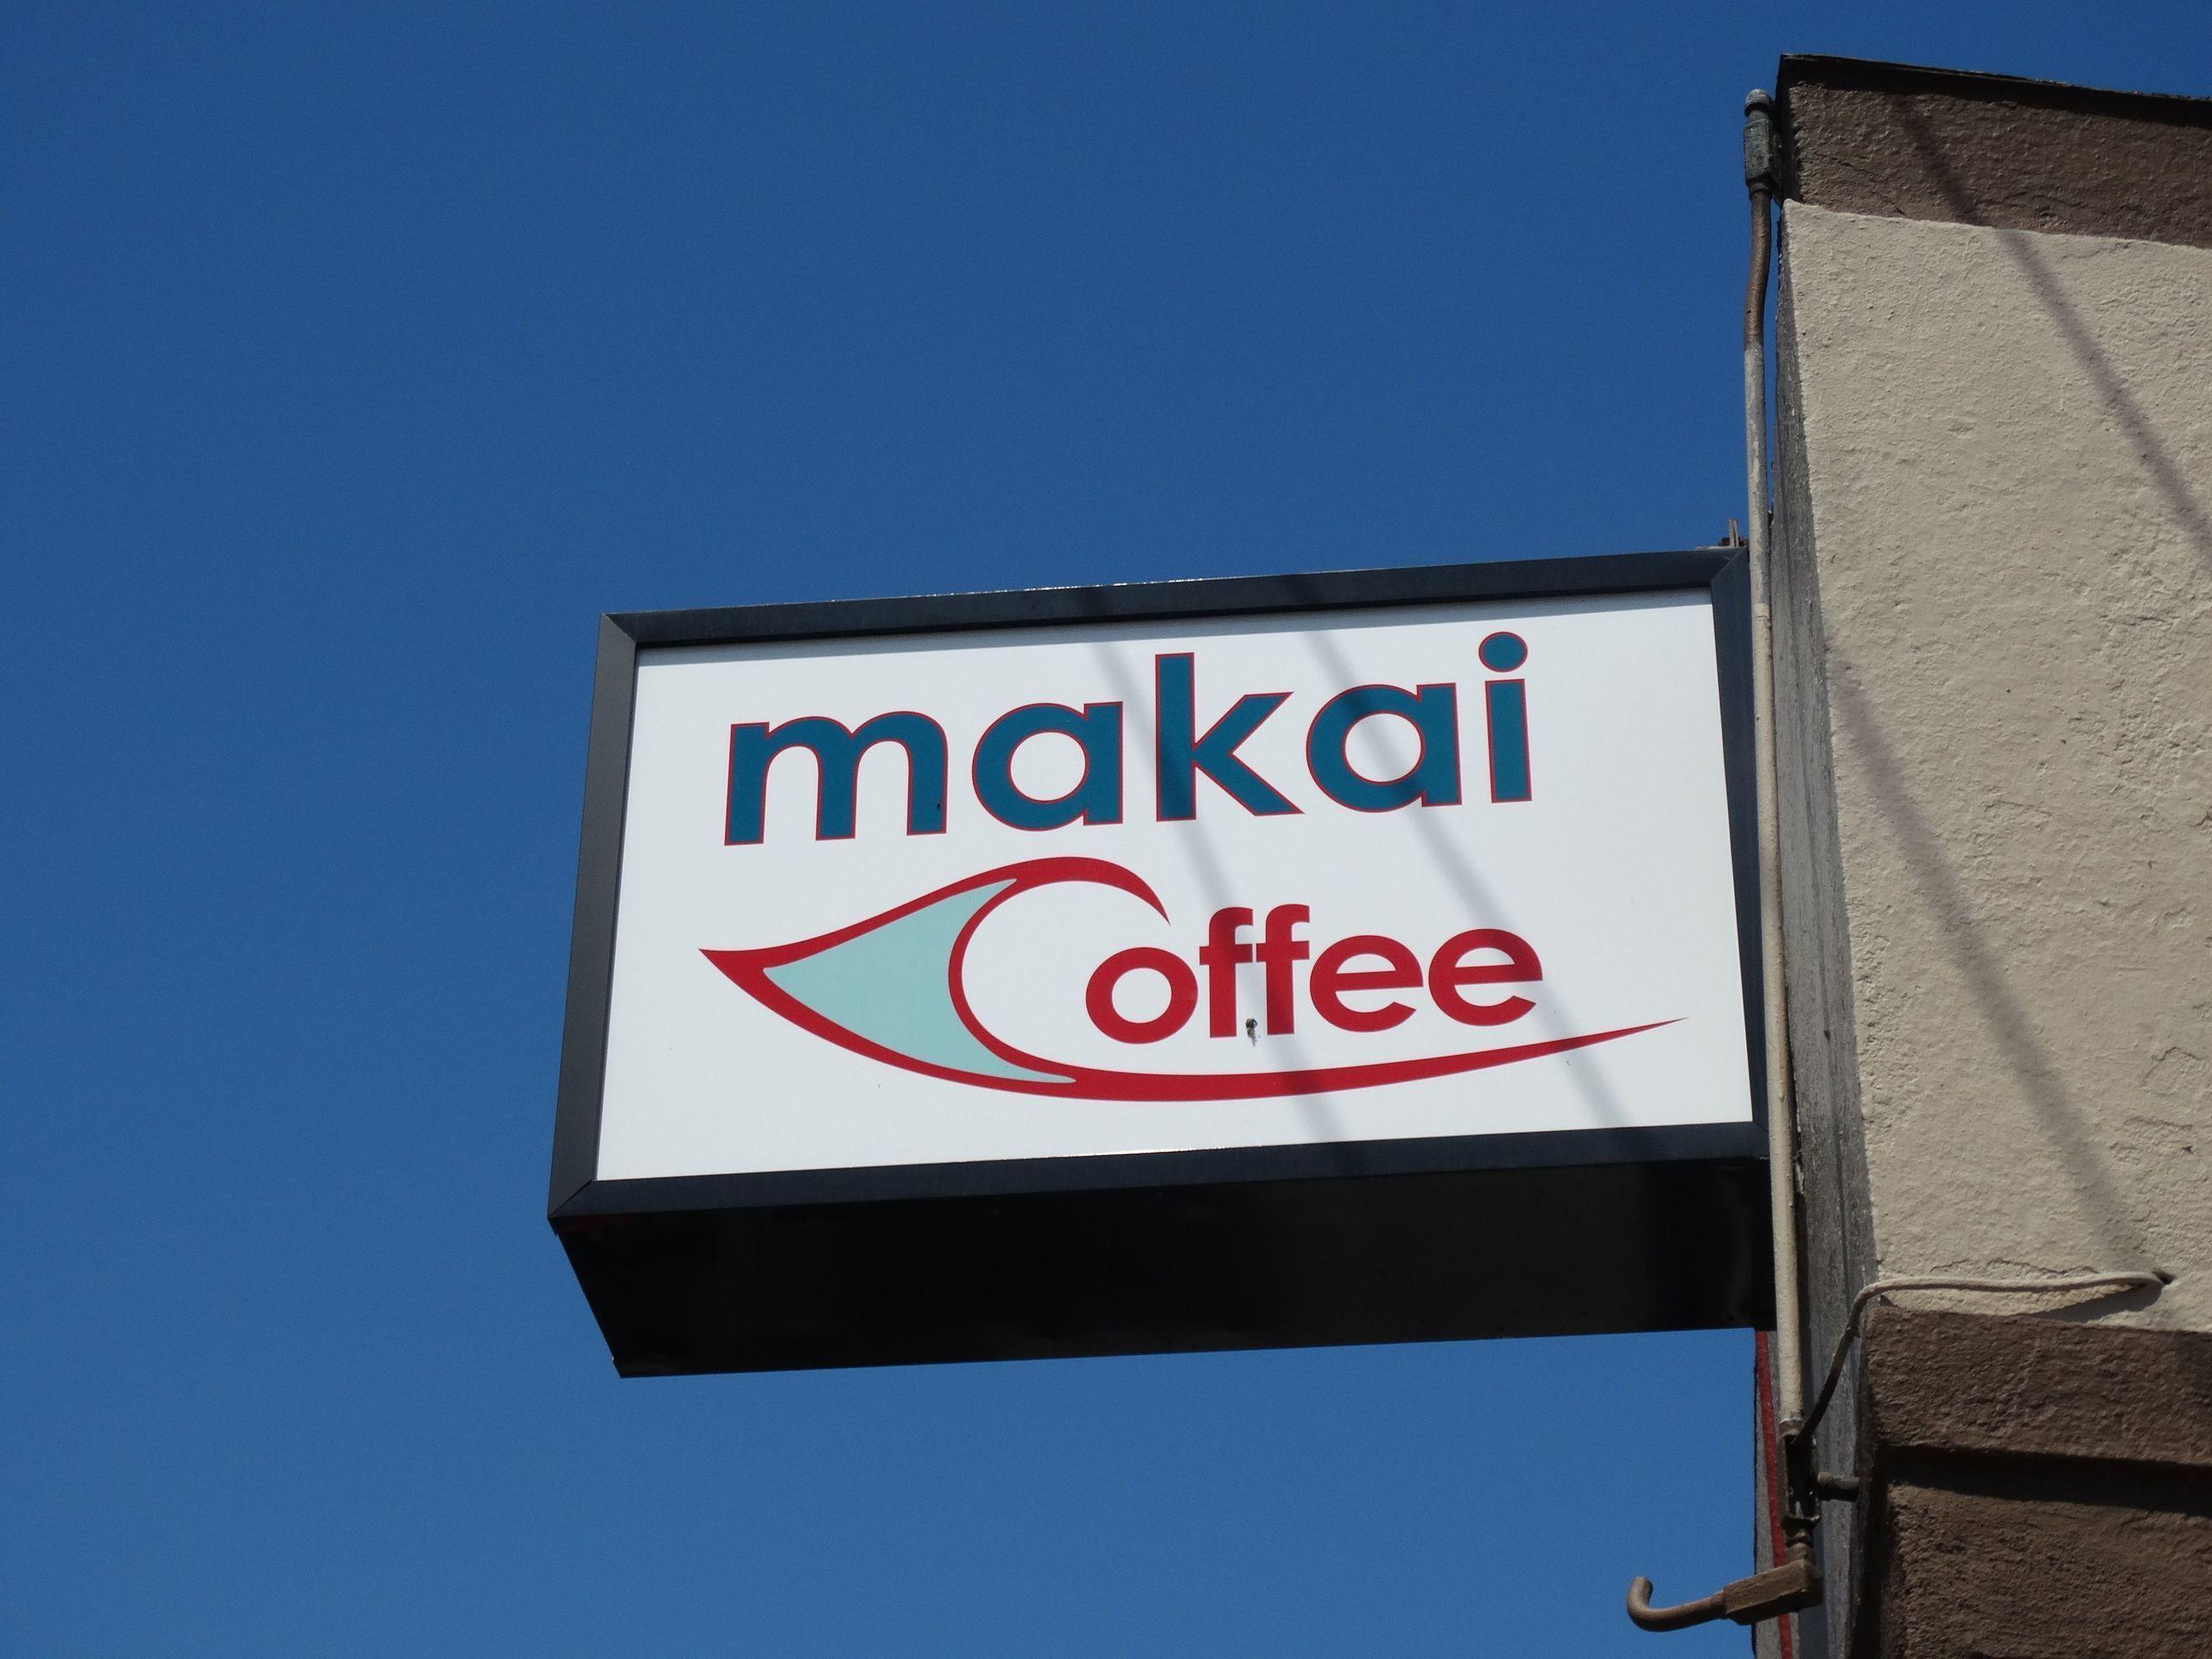 Makai Coffee